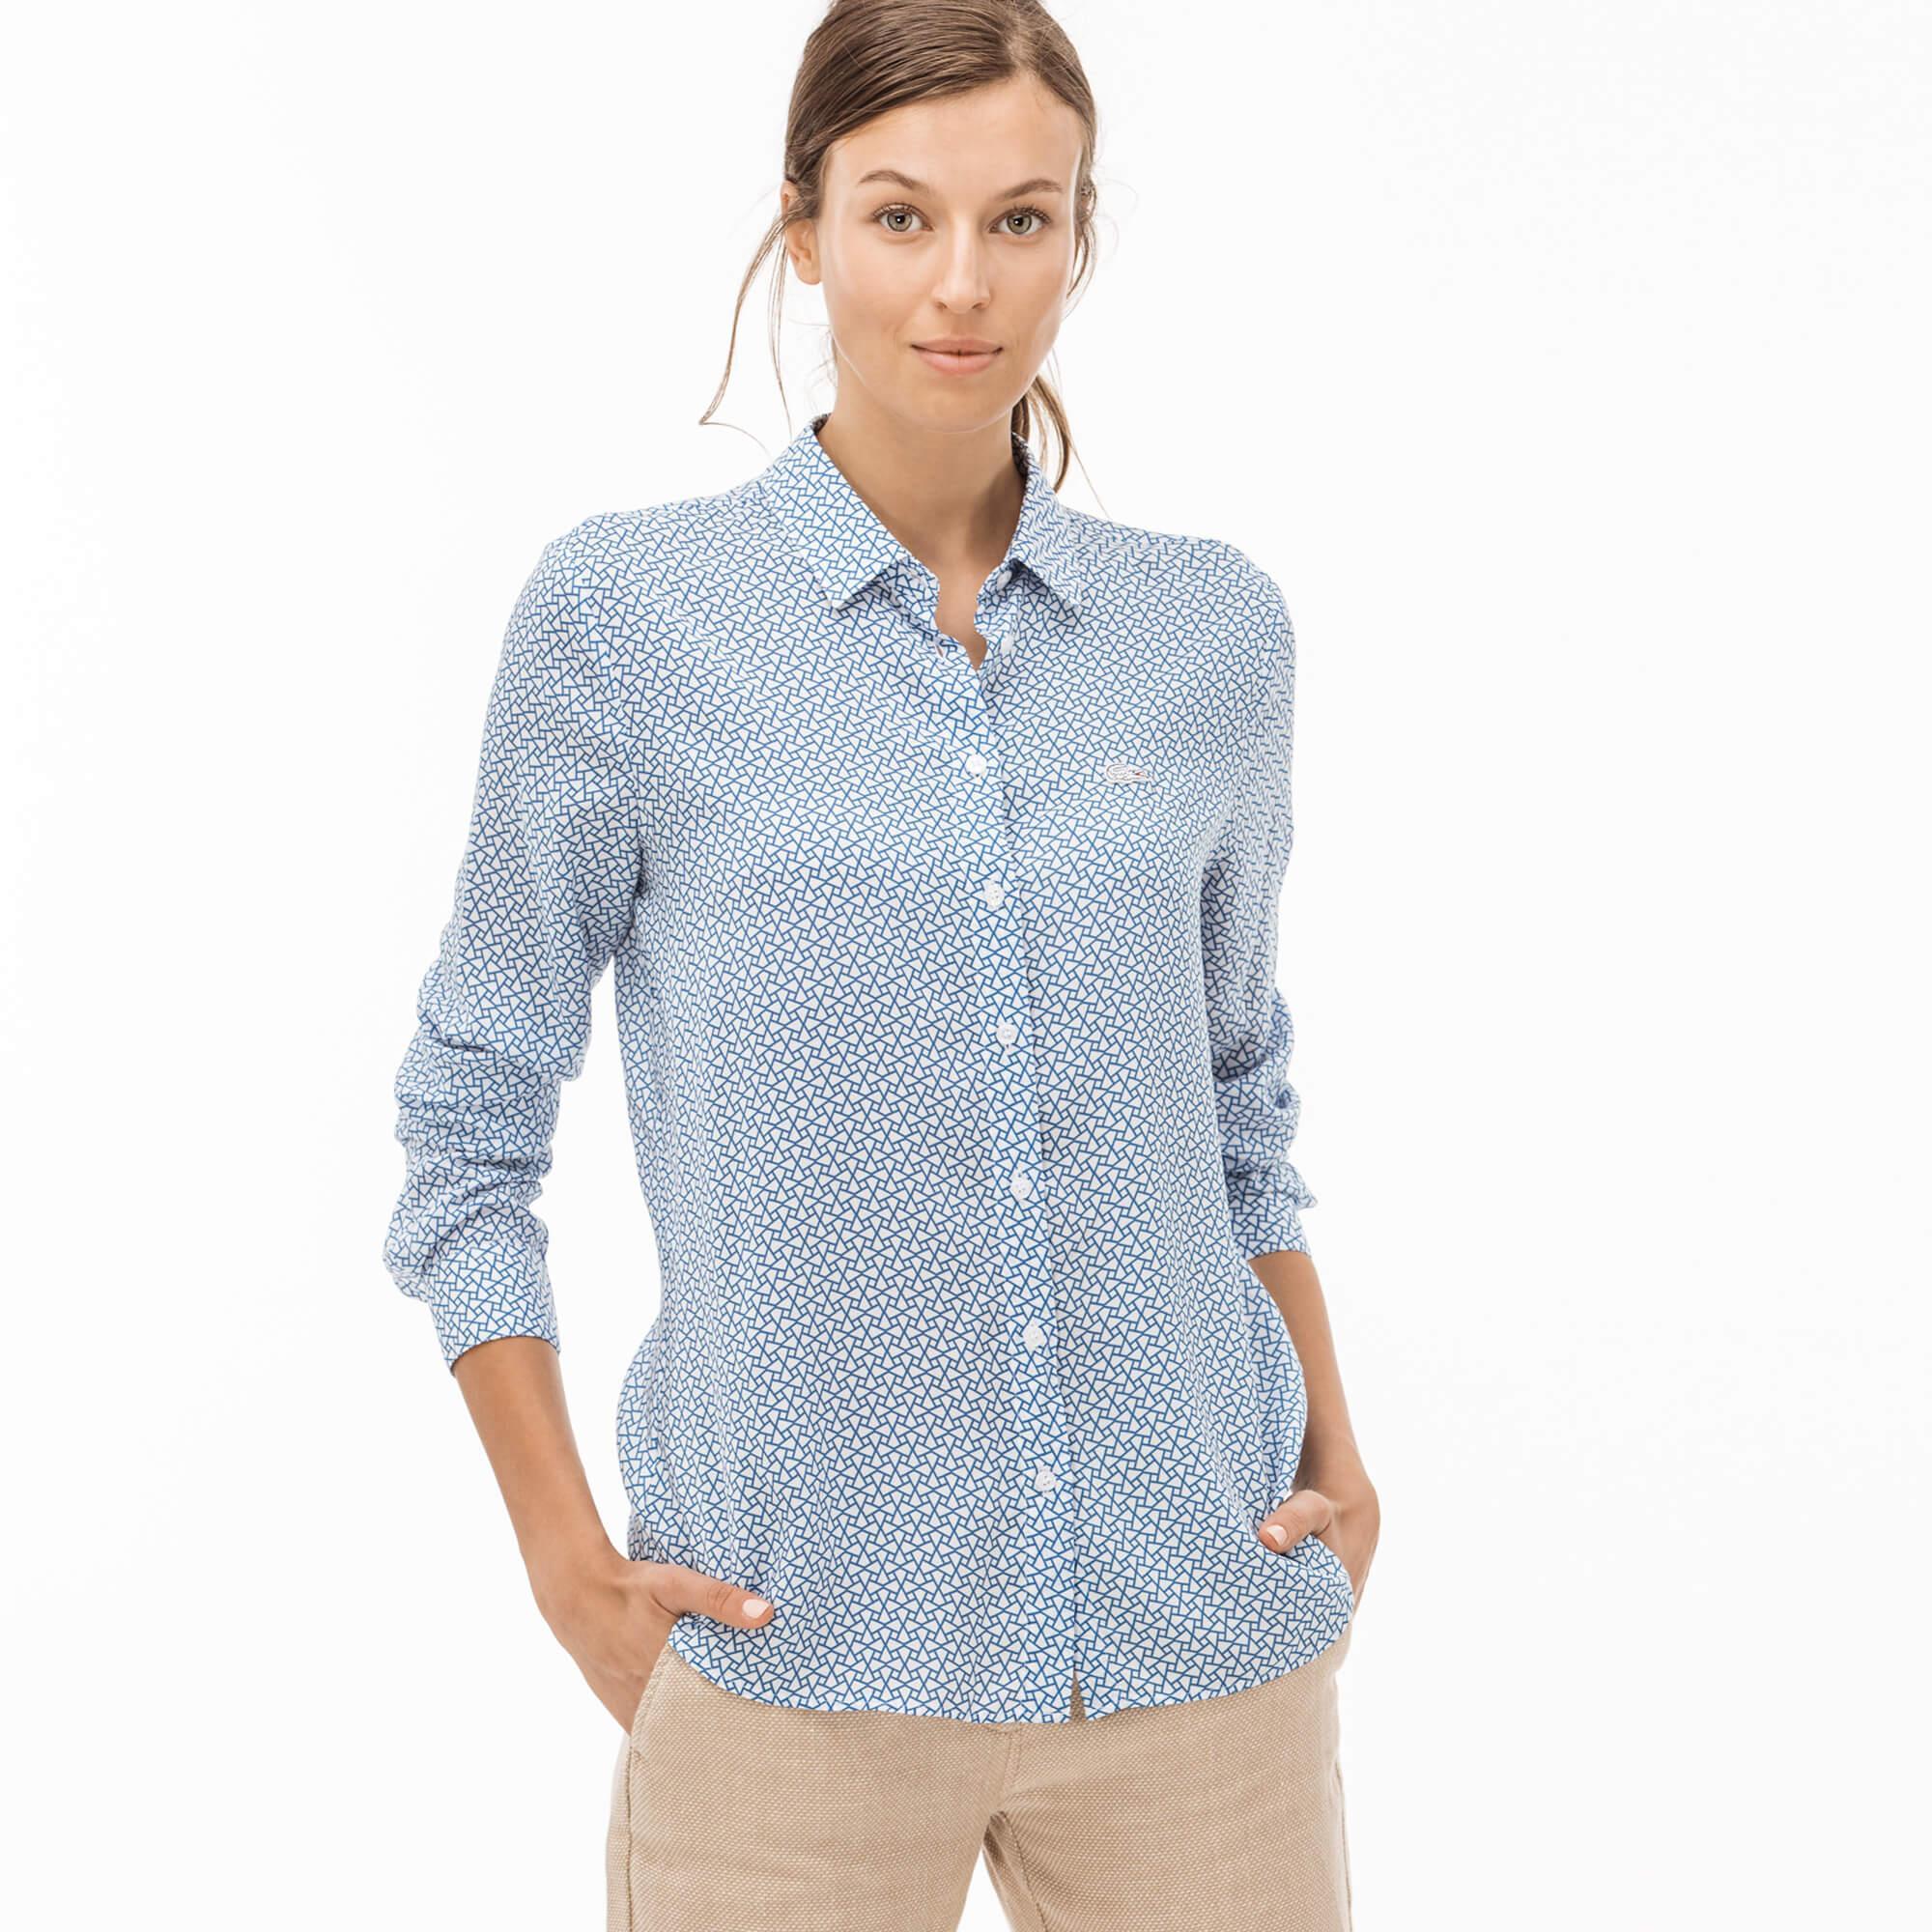 Lacoste Kadın Desenli Mavi Gömlek